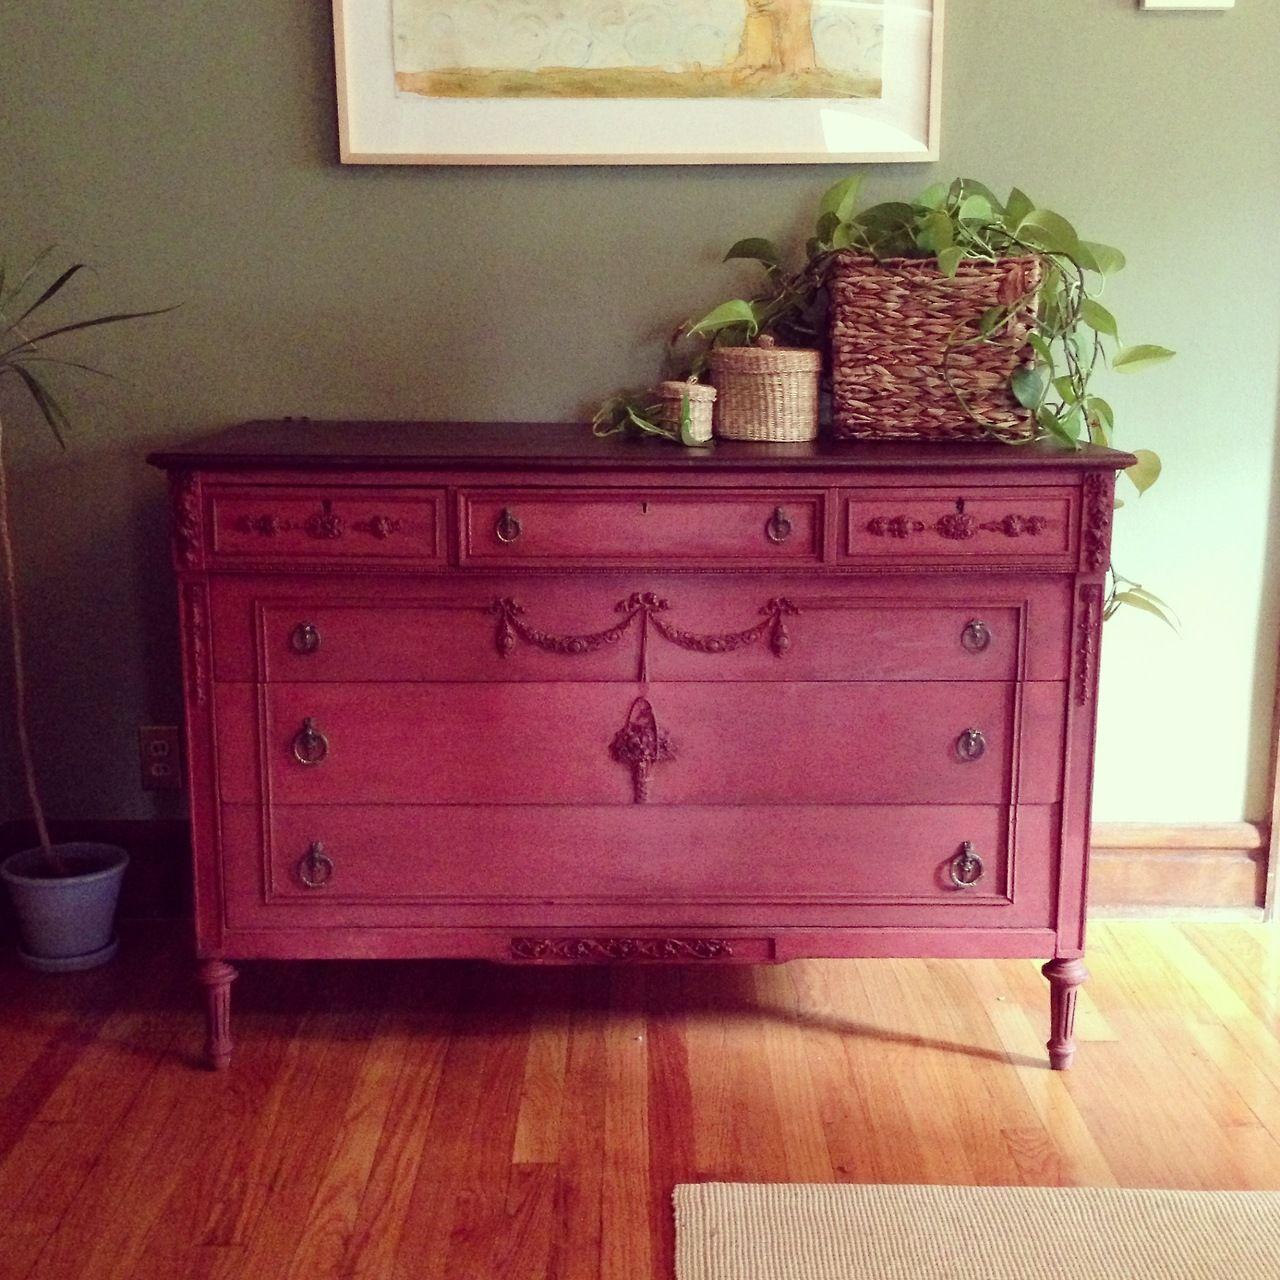 Say Hi To Big Red Antique Dresser Refinished In Salem Milk